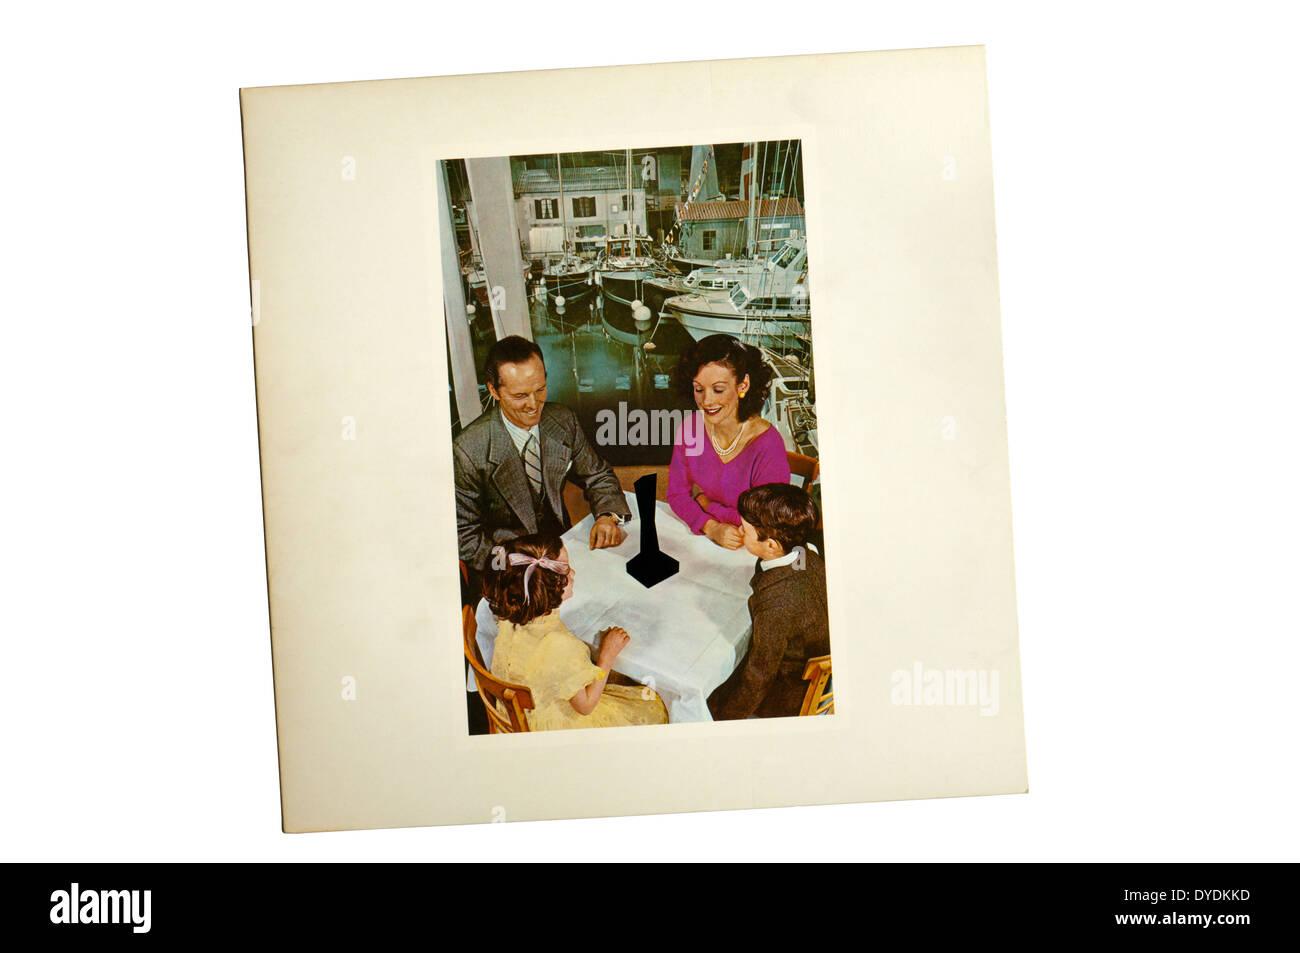 Anwesenheit war das 7. Studioalbum der englischen Rock-band Led Zeppelin. Es wurde 1976 von Swan Song Records veröffentlicht. Stockbild